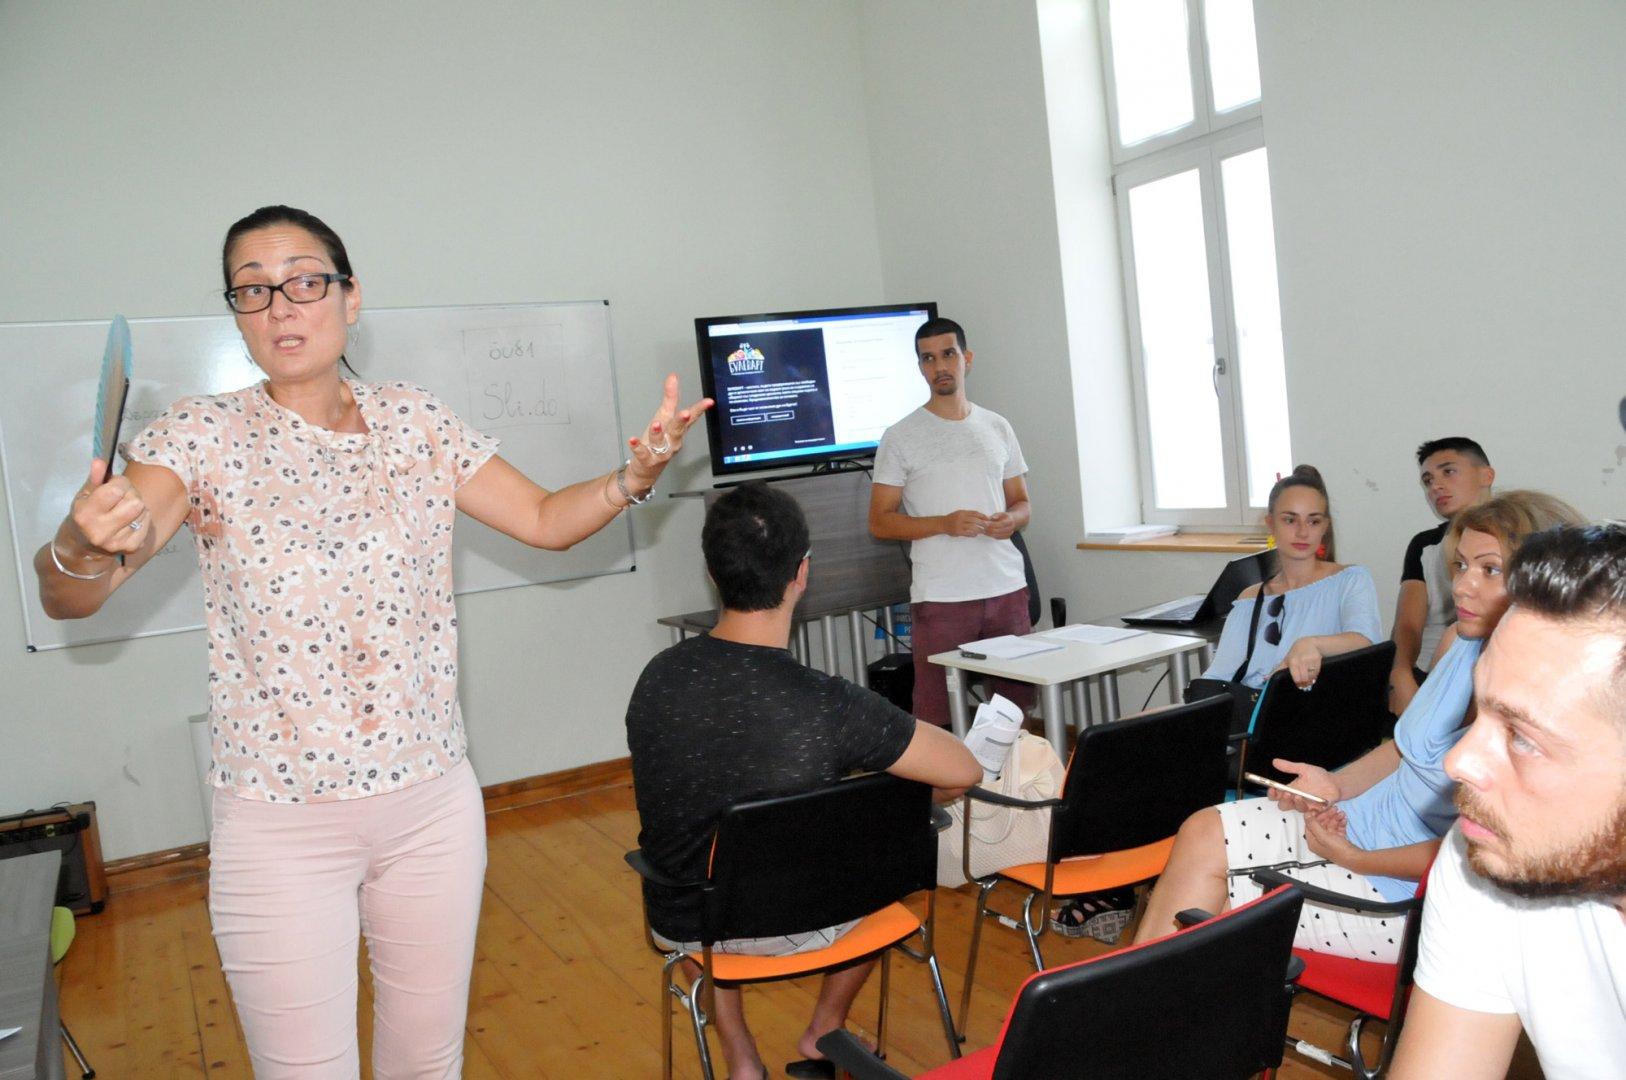 Целта е да се срещне бизнеса и творческата индустрия, поясни зам.-кметът Руска Бояджиева. Снимки Лина Главинова